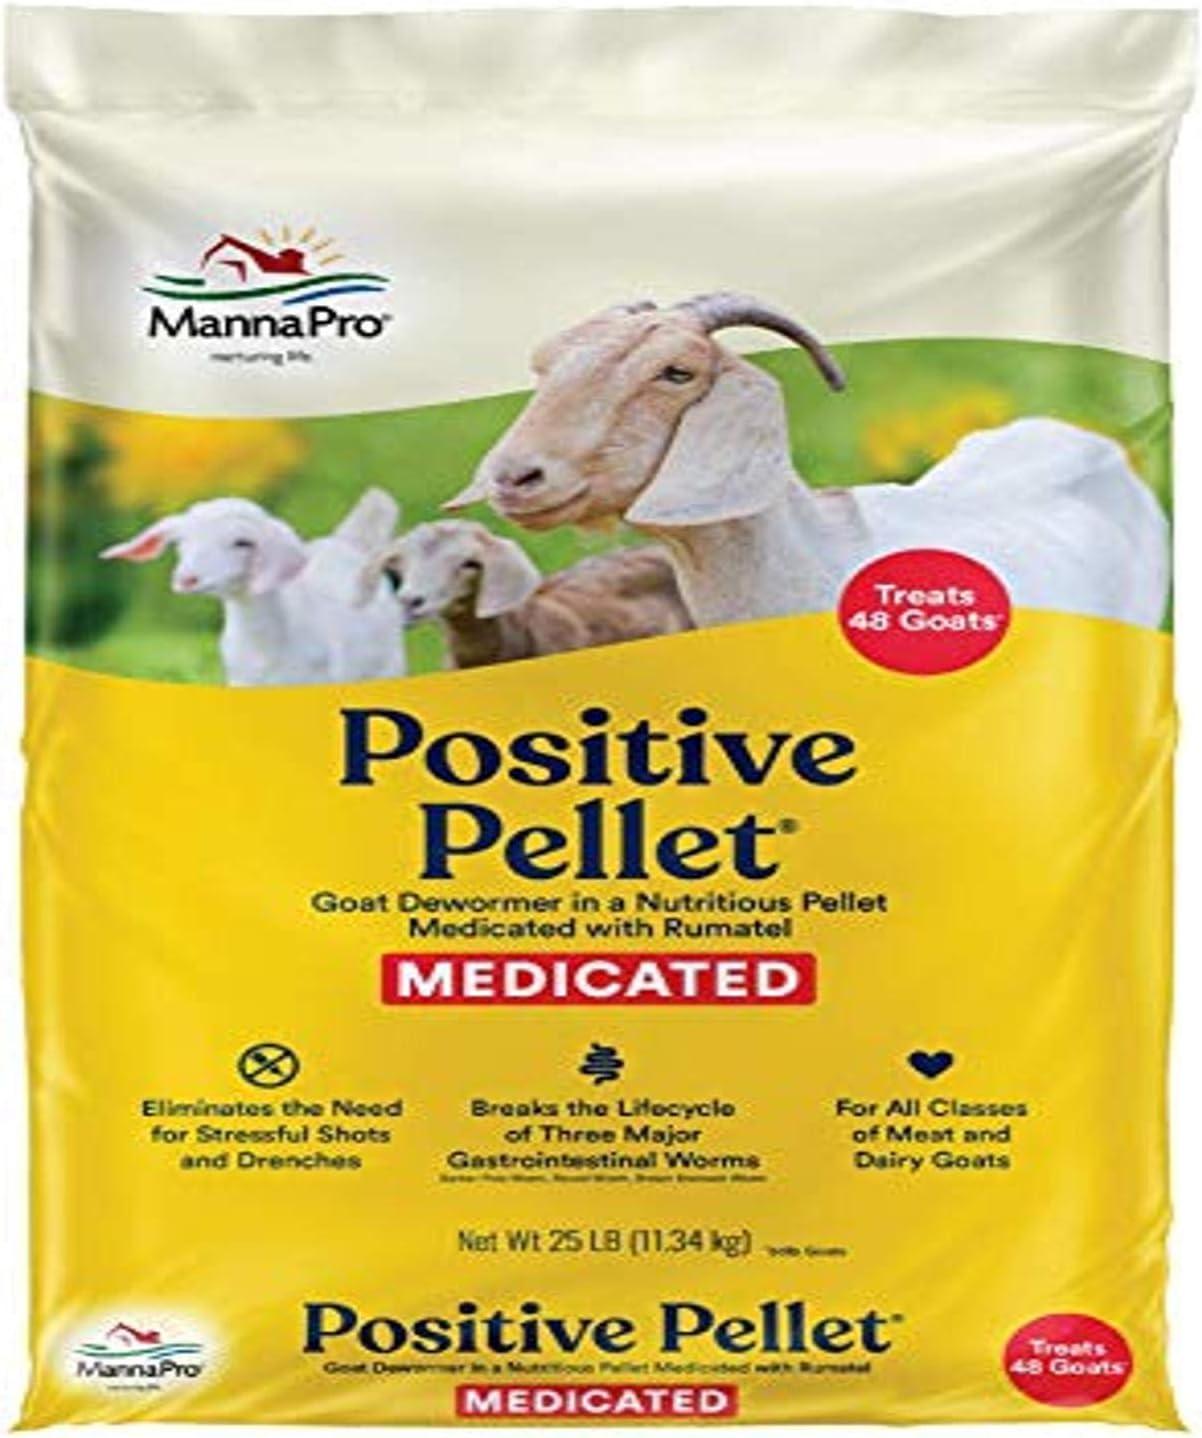 Manna Pro Positive Pellet Medicated Goat Dewormer, 25-Pounds